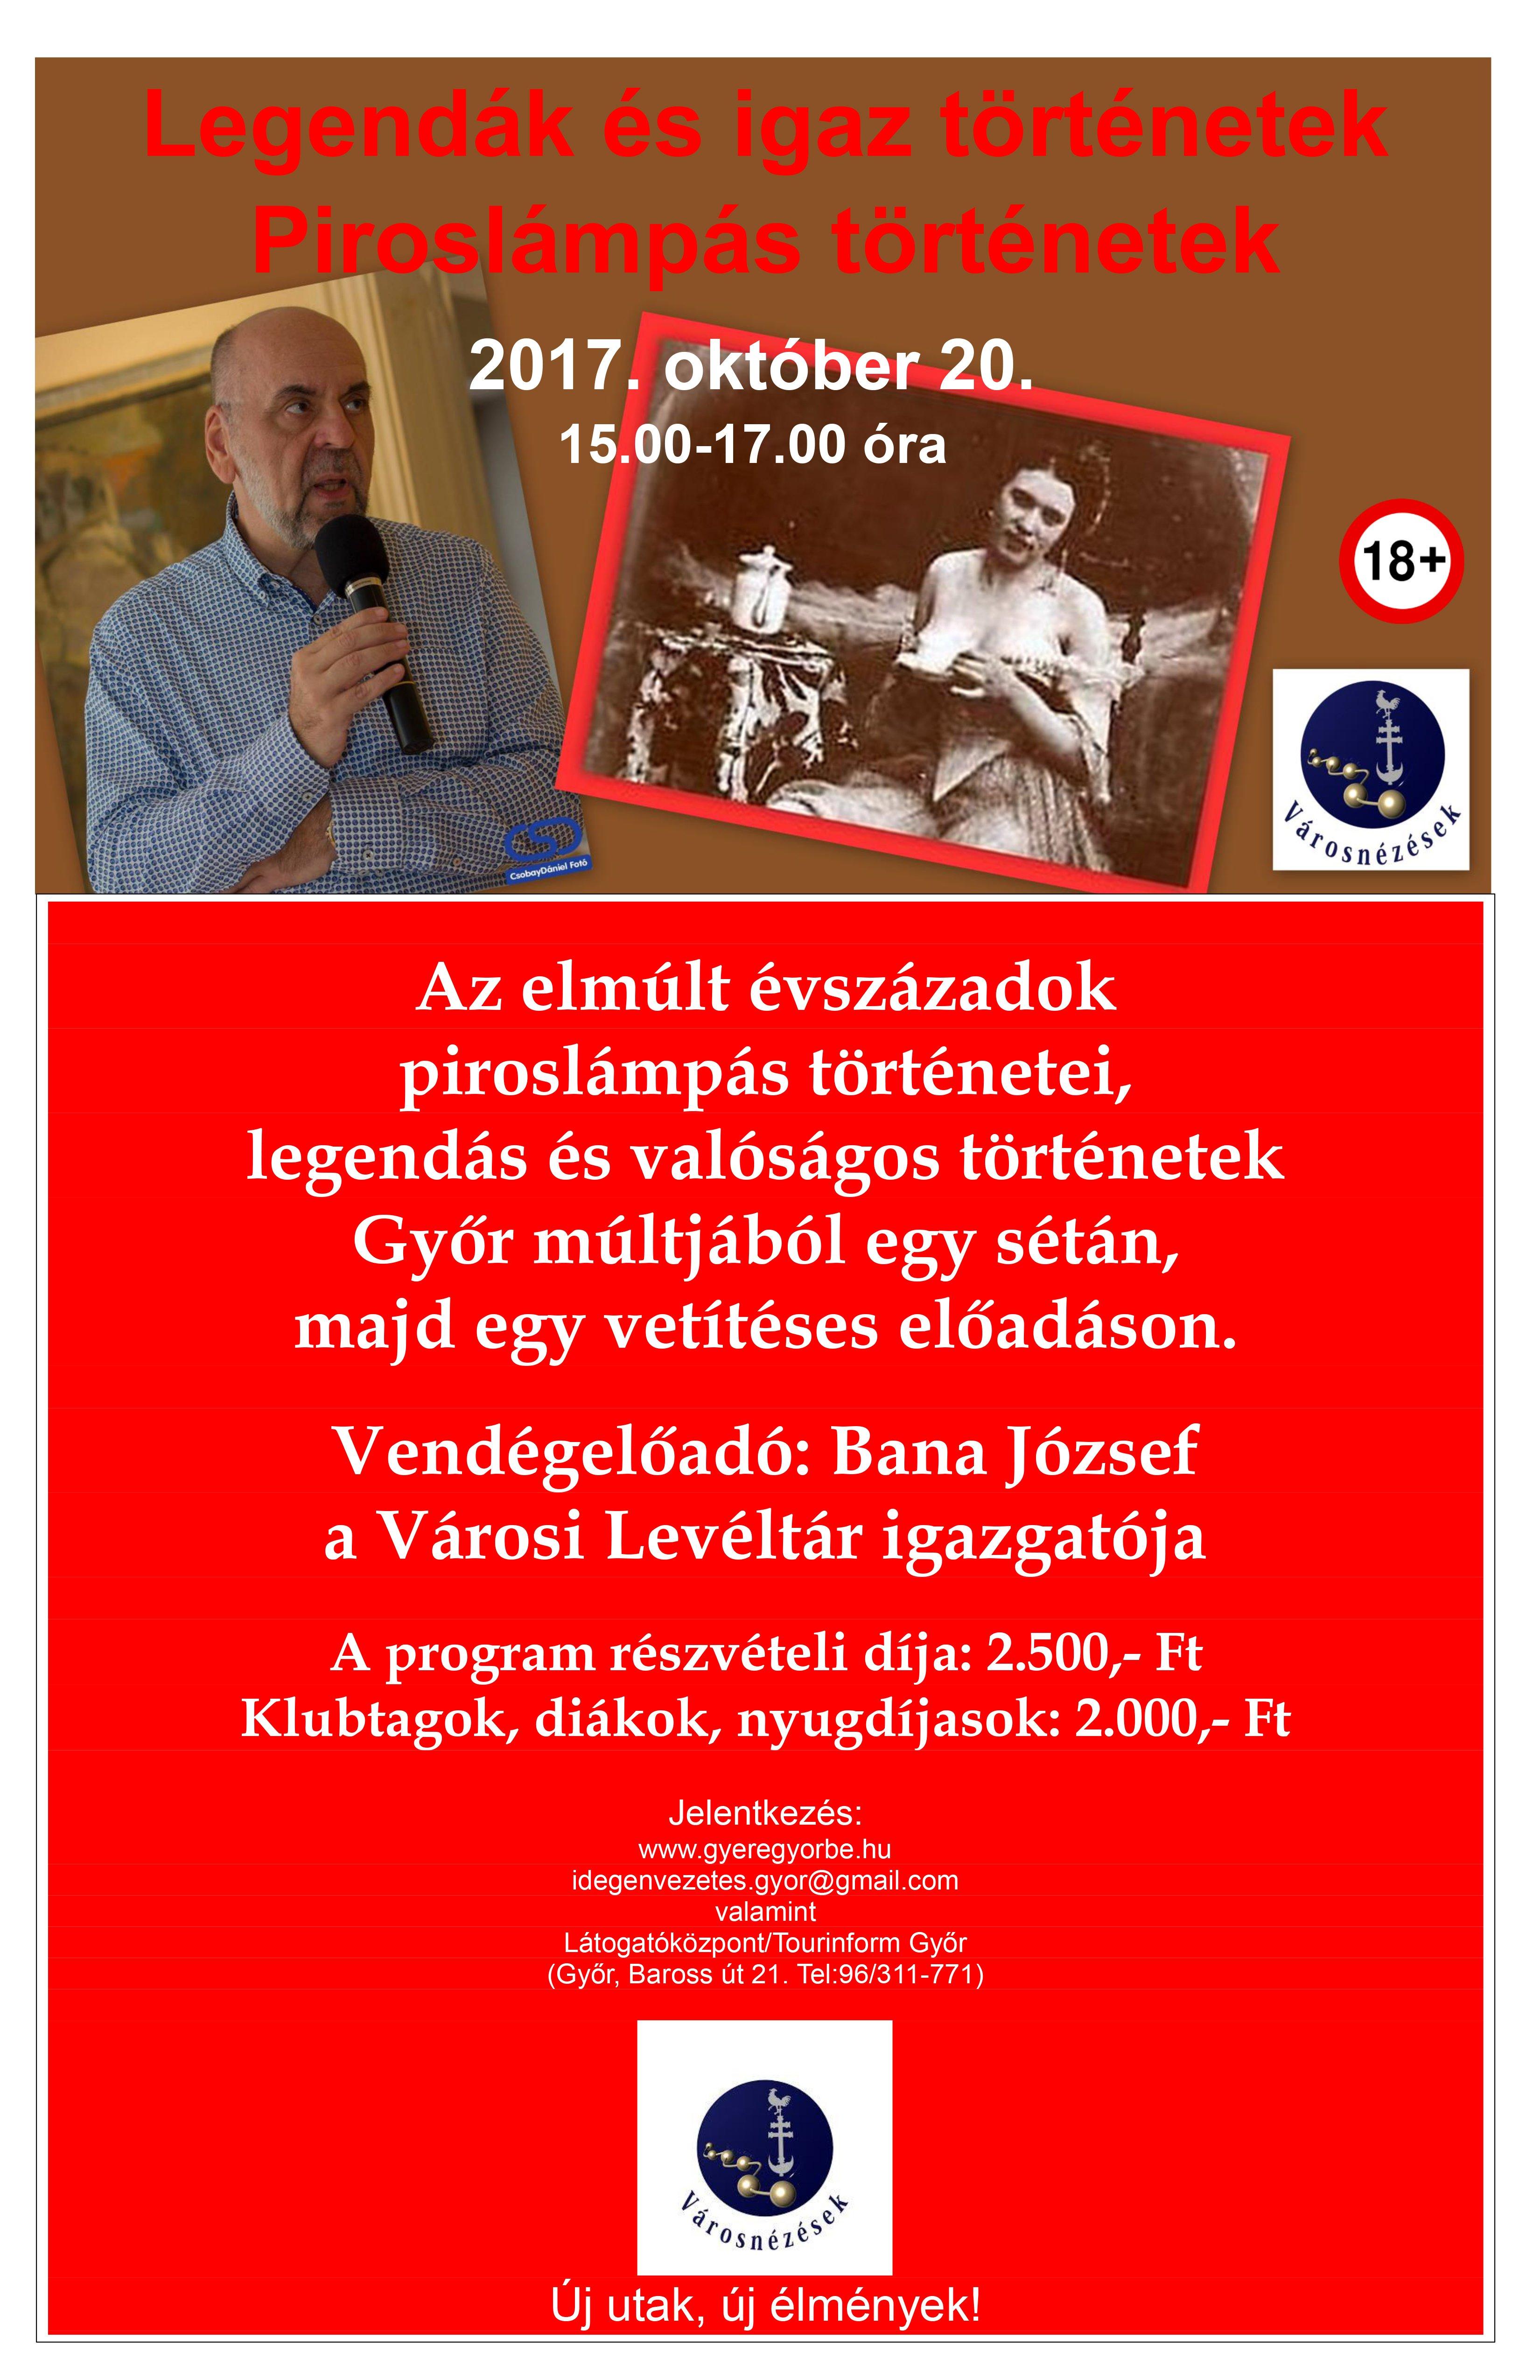 Legendák és igaz történetek 2017.10.20.